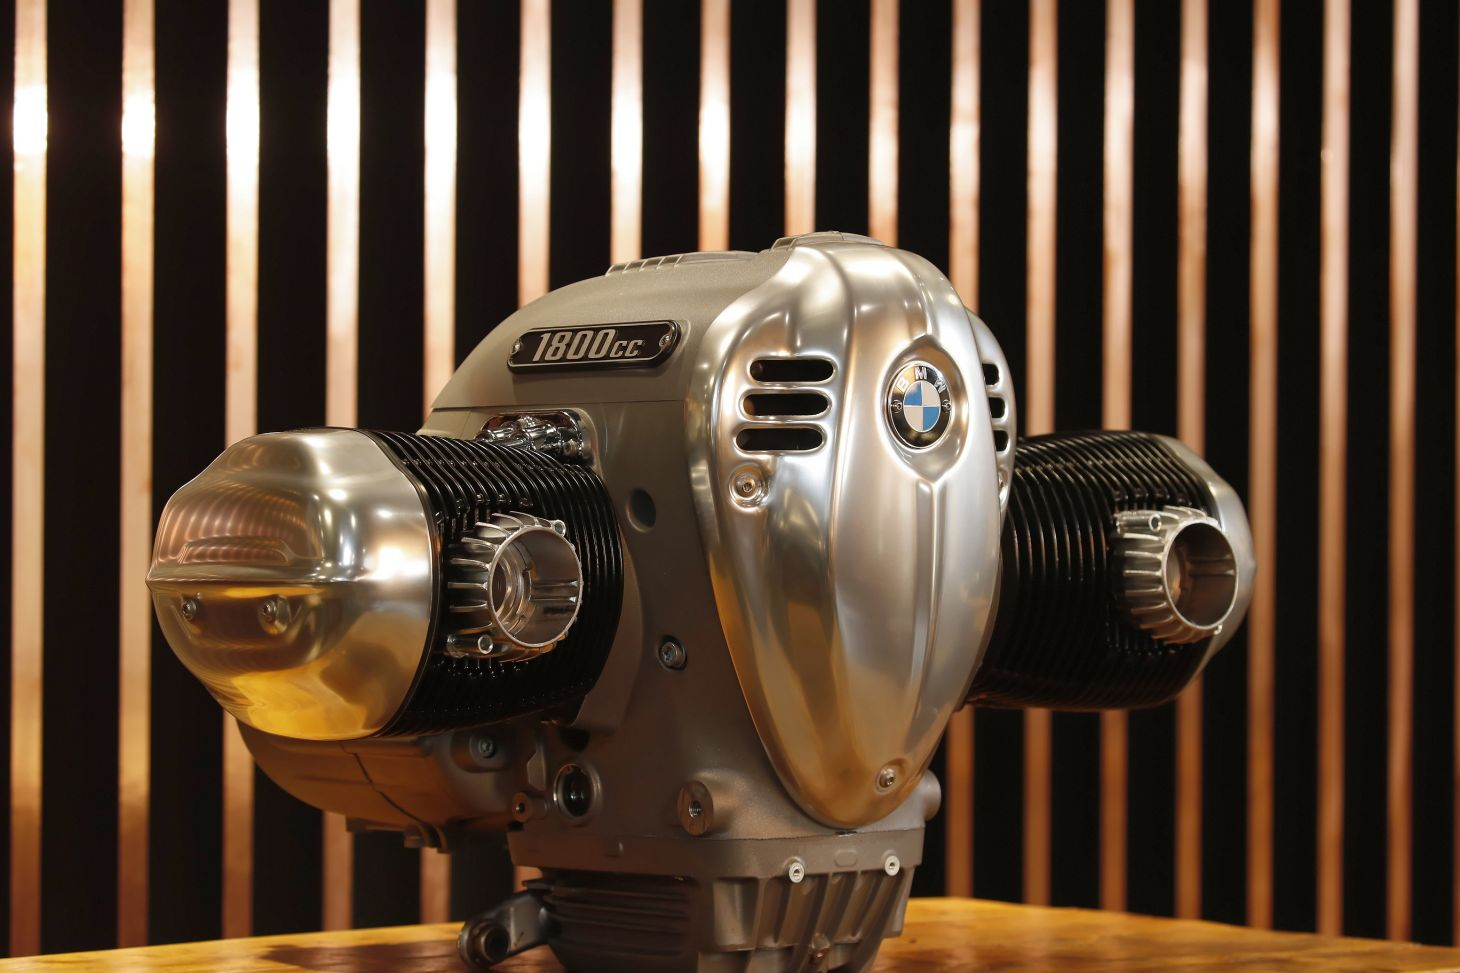 bmw r18: motor de 1.802 cm3 em destaque